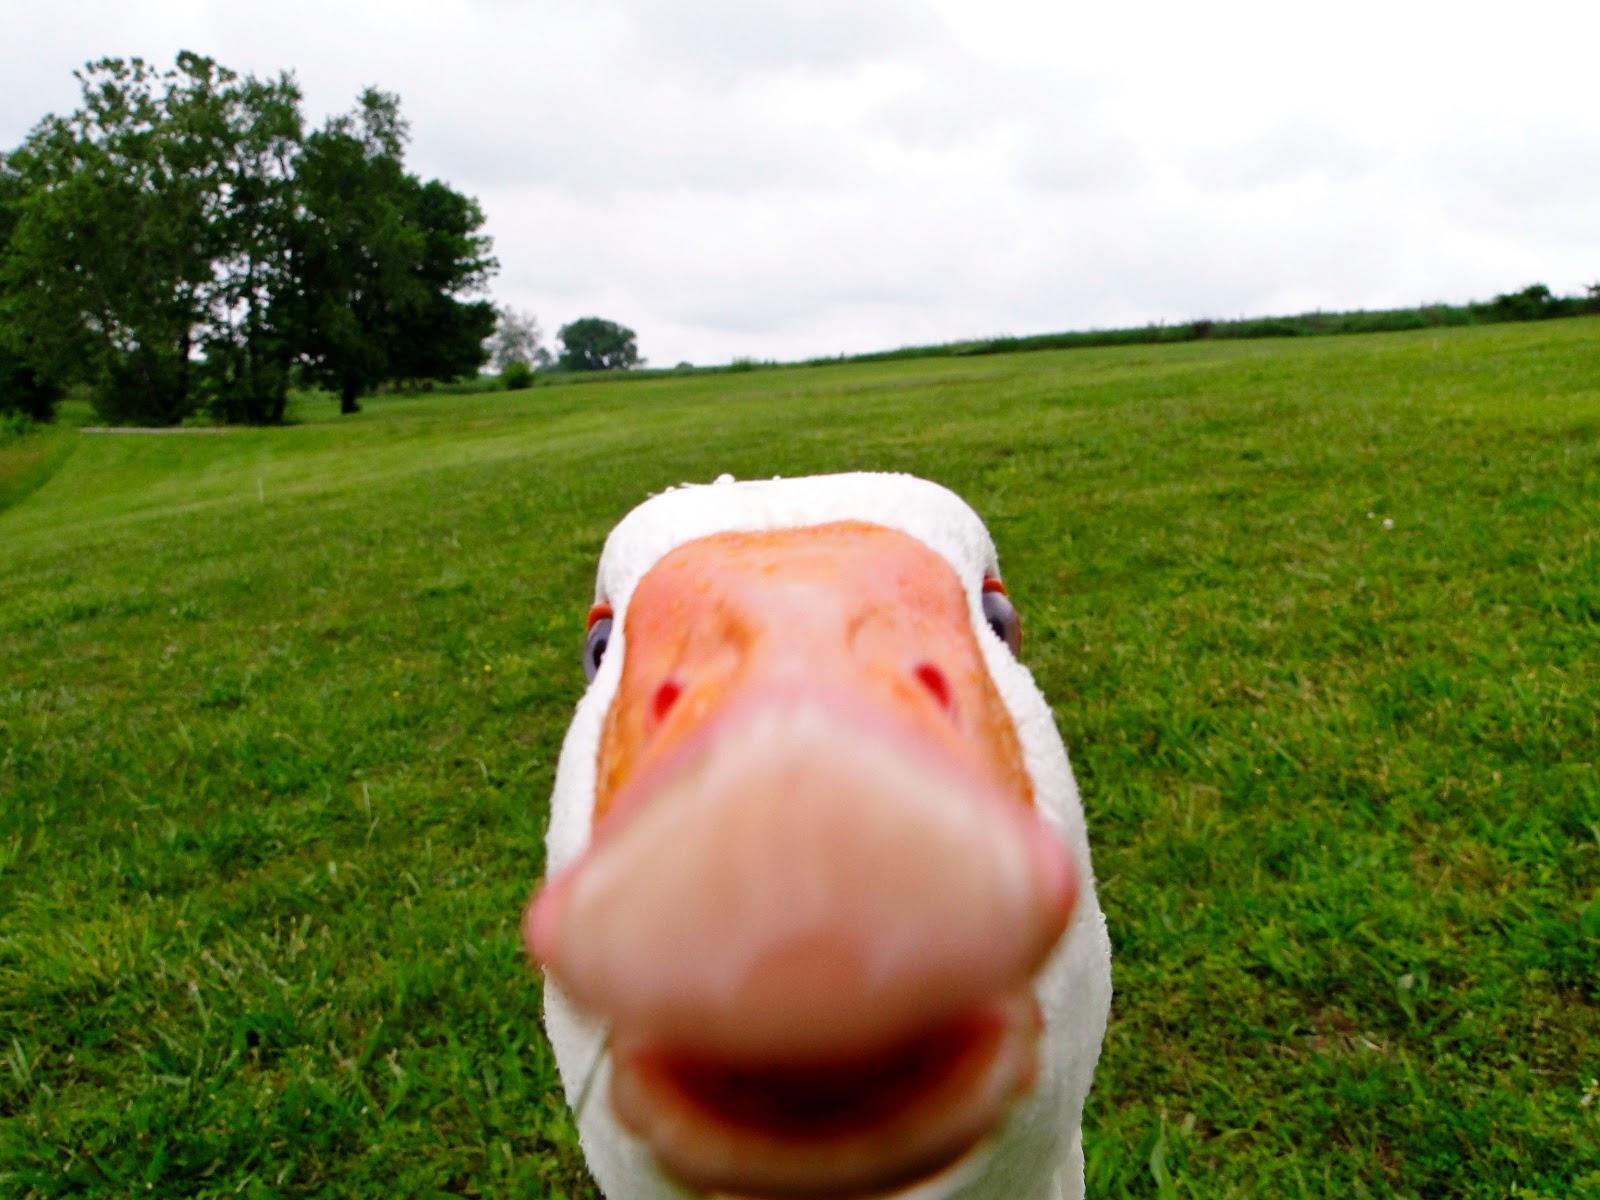 http://4.bp.blogspot.com/-BR9l4WQuVBQ/TrAfgNRwOEI/AAAAAAAAEJg/lDd8B5UufvU/s1600/Funny_Duck_Face_HD_Wallpaper%252BVvallpaper.Net.jpg